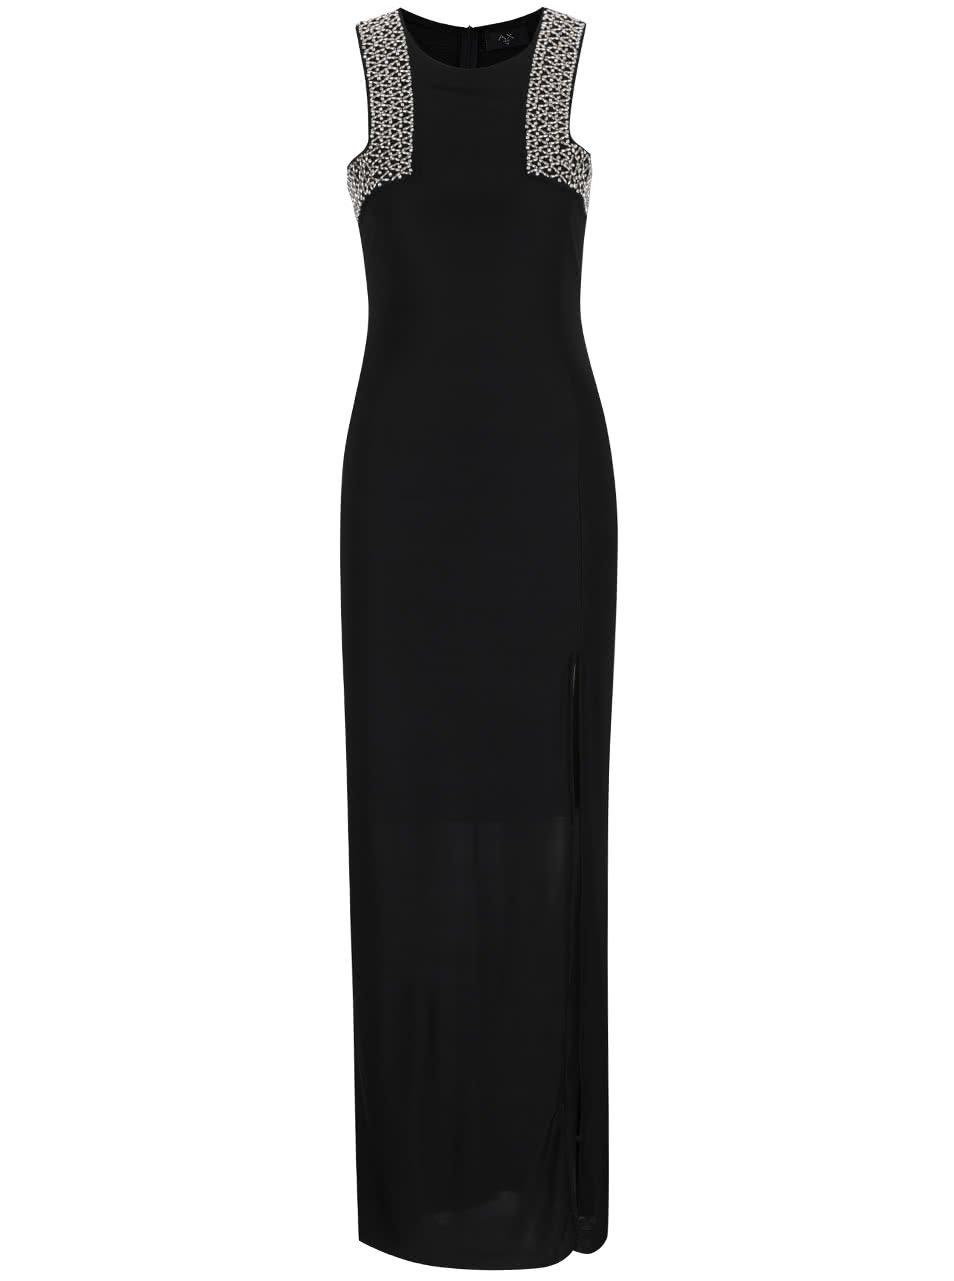 Černé dlouhé šaty s aplikací AX Paris